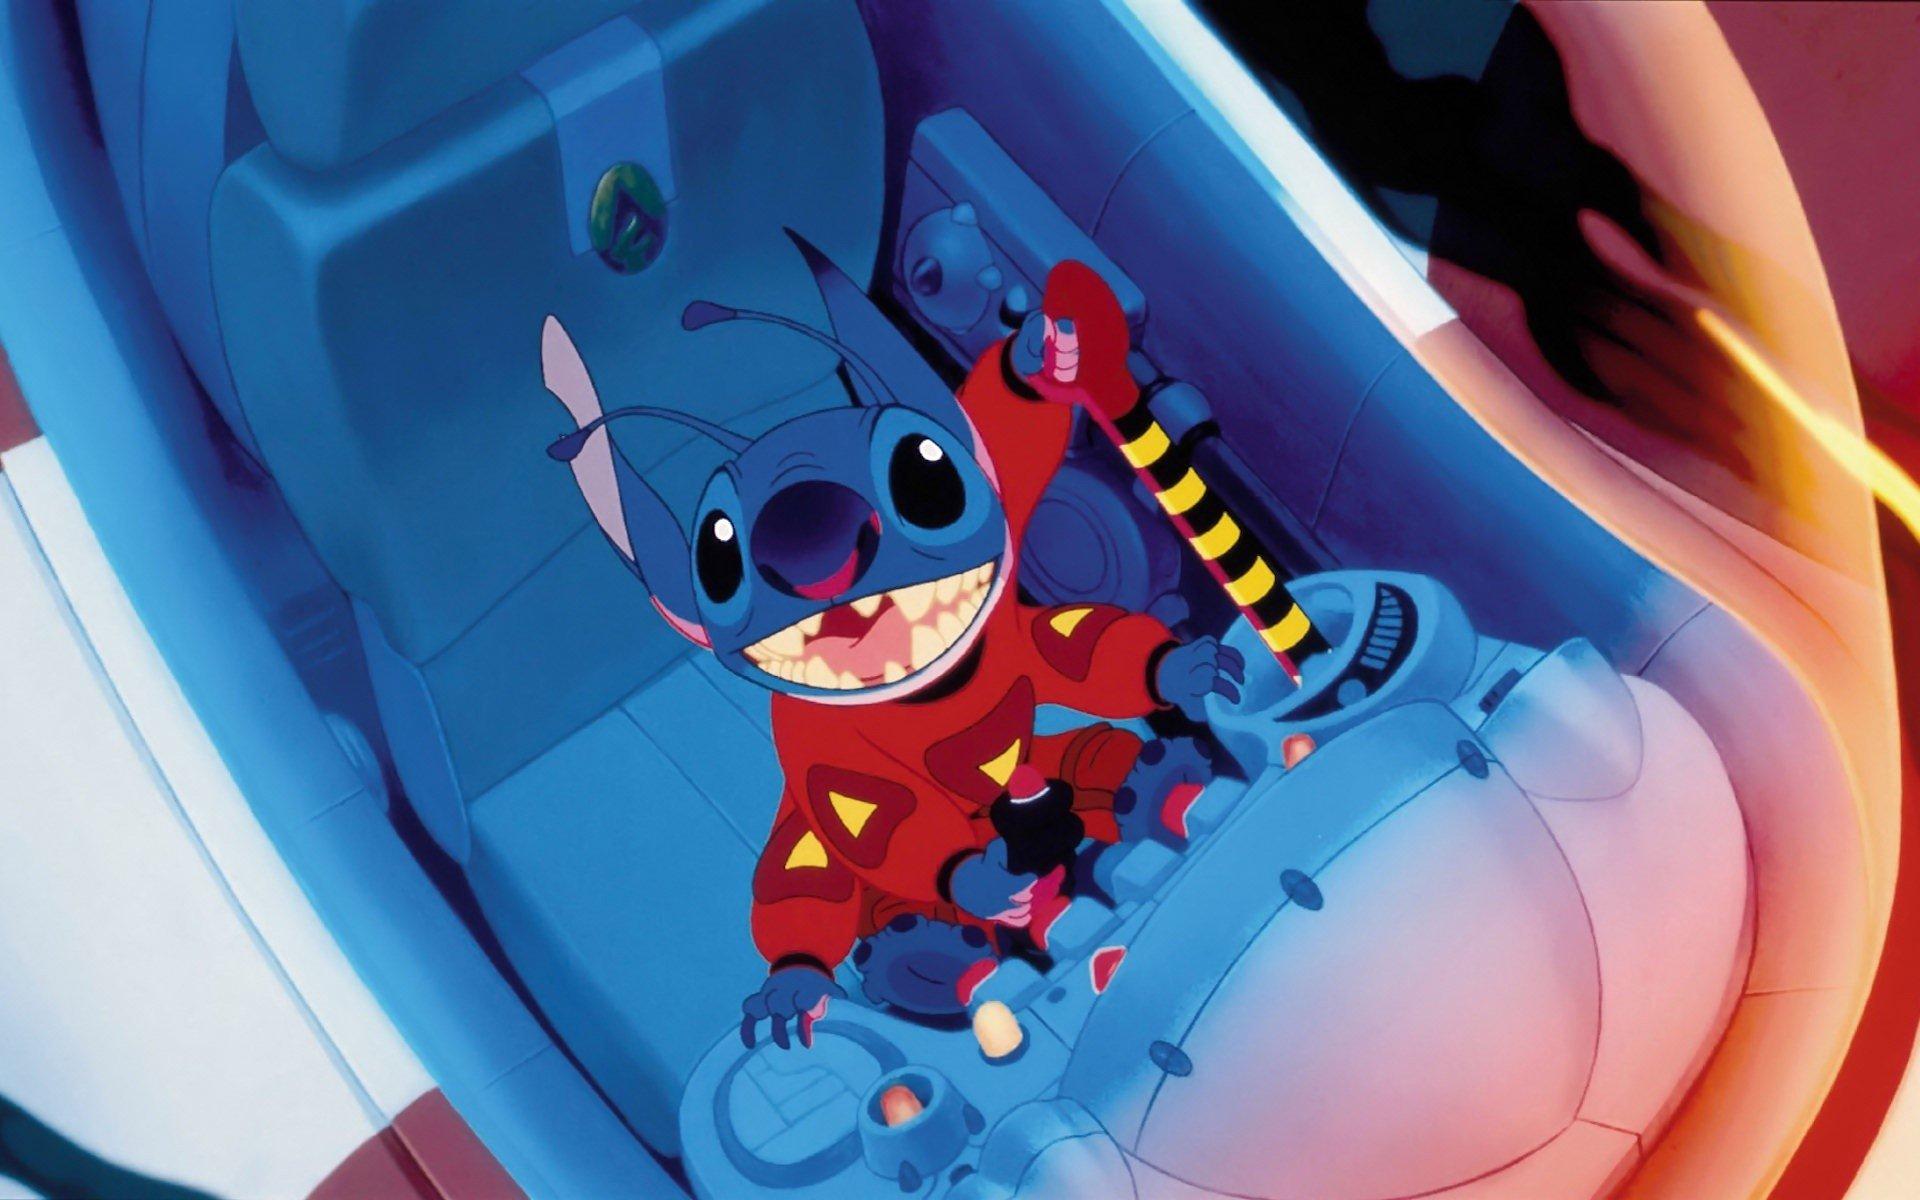 Fondo de pantalla de Stitch en Nave espacial Imágenes